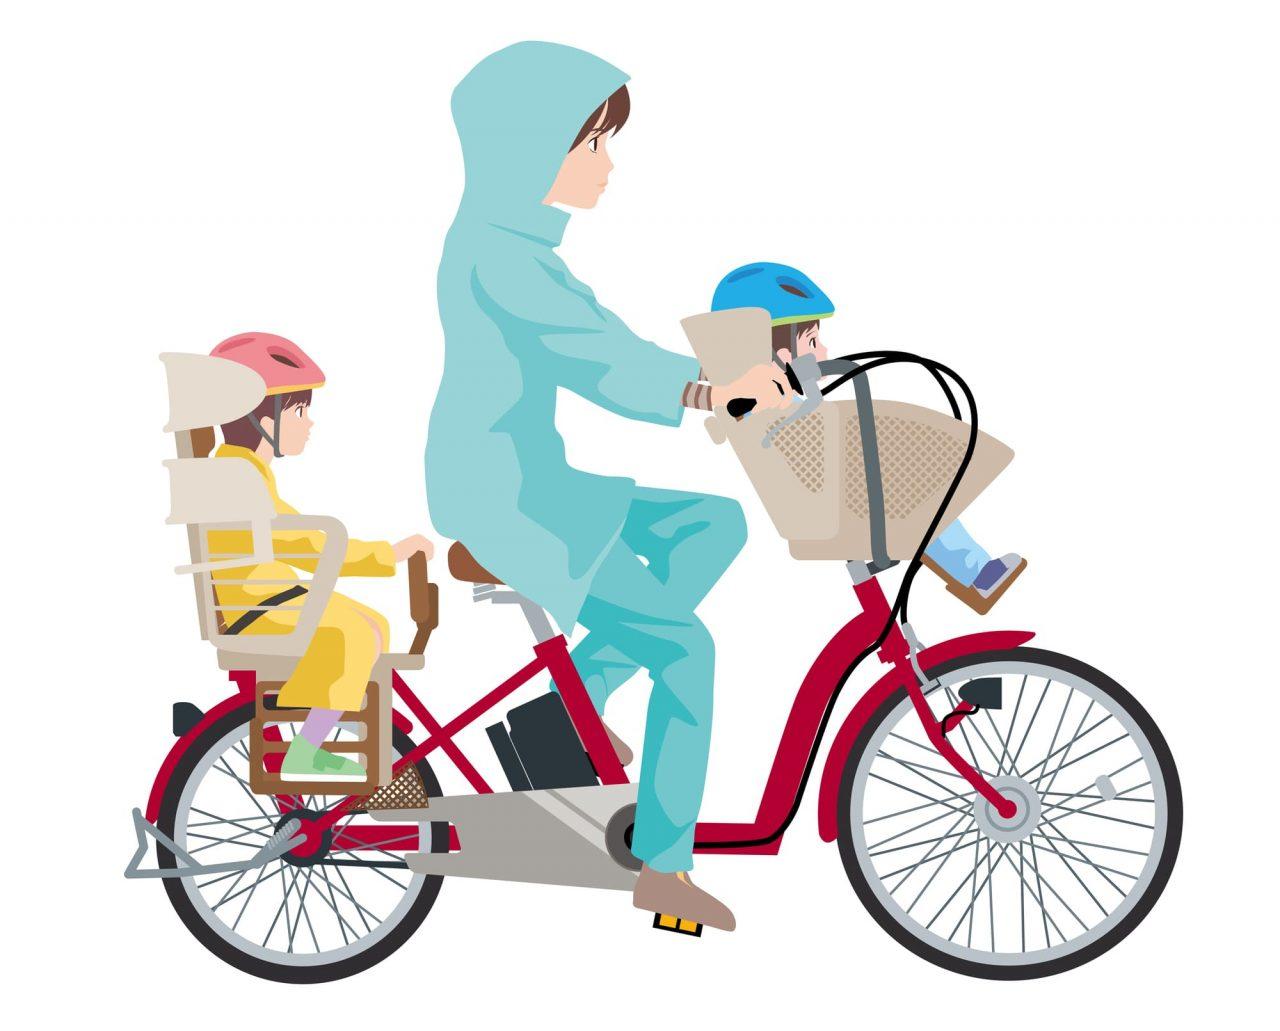 自転車用レインウェアは濡れない・安全に走れるものを選ぼう